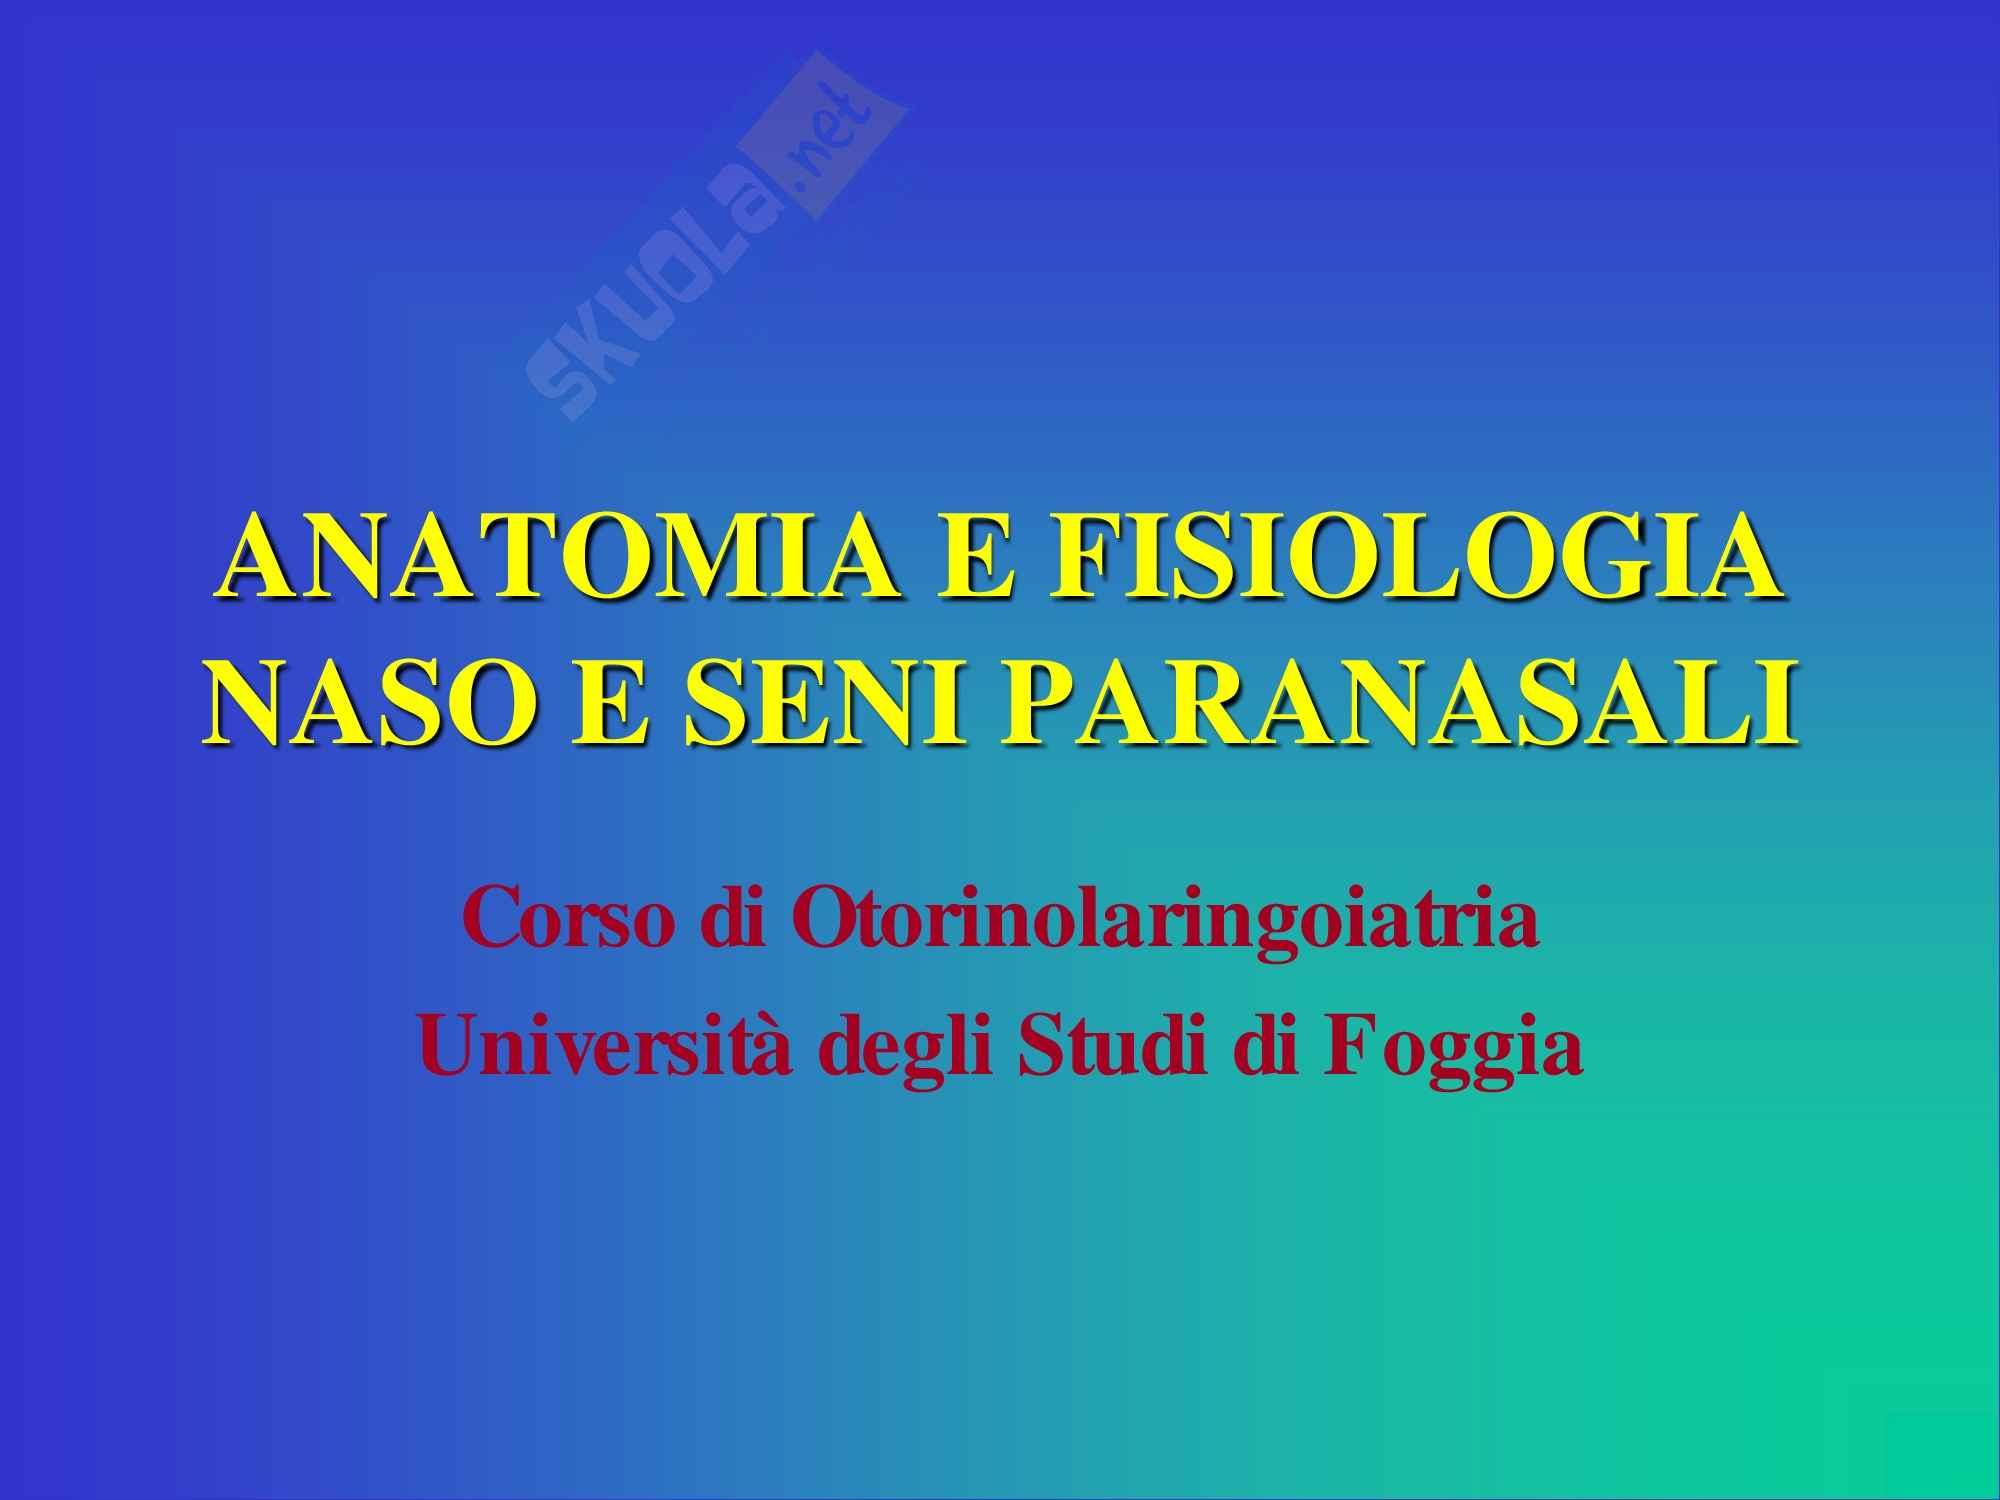 Otorinolaringoiatria - Anatomia e Fisiologia del Naso e Seni Paranasali